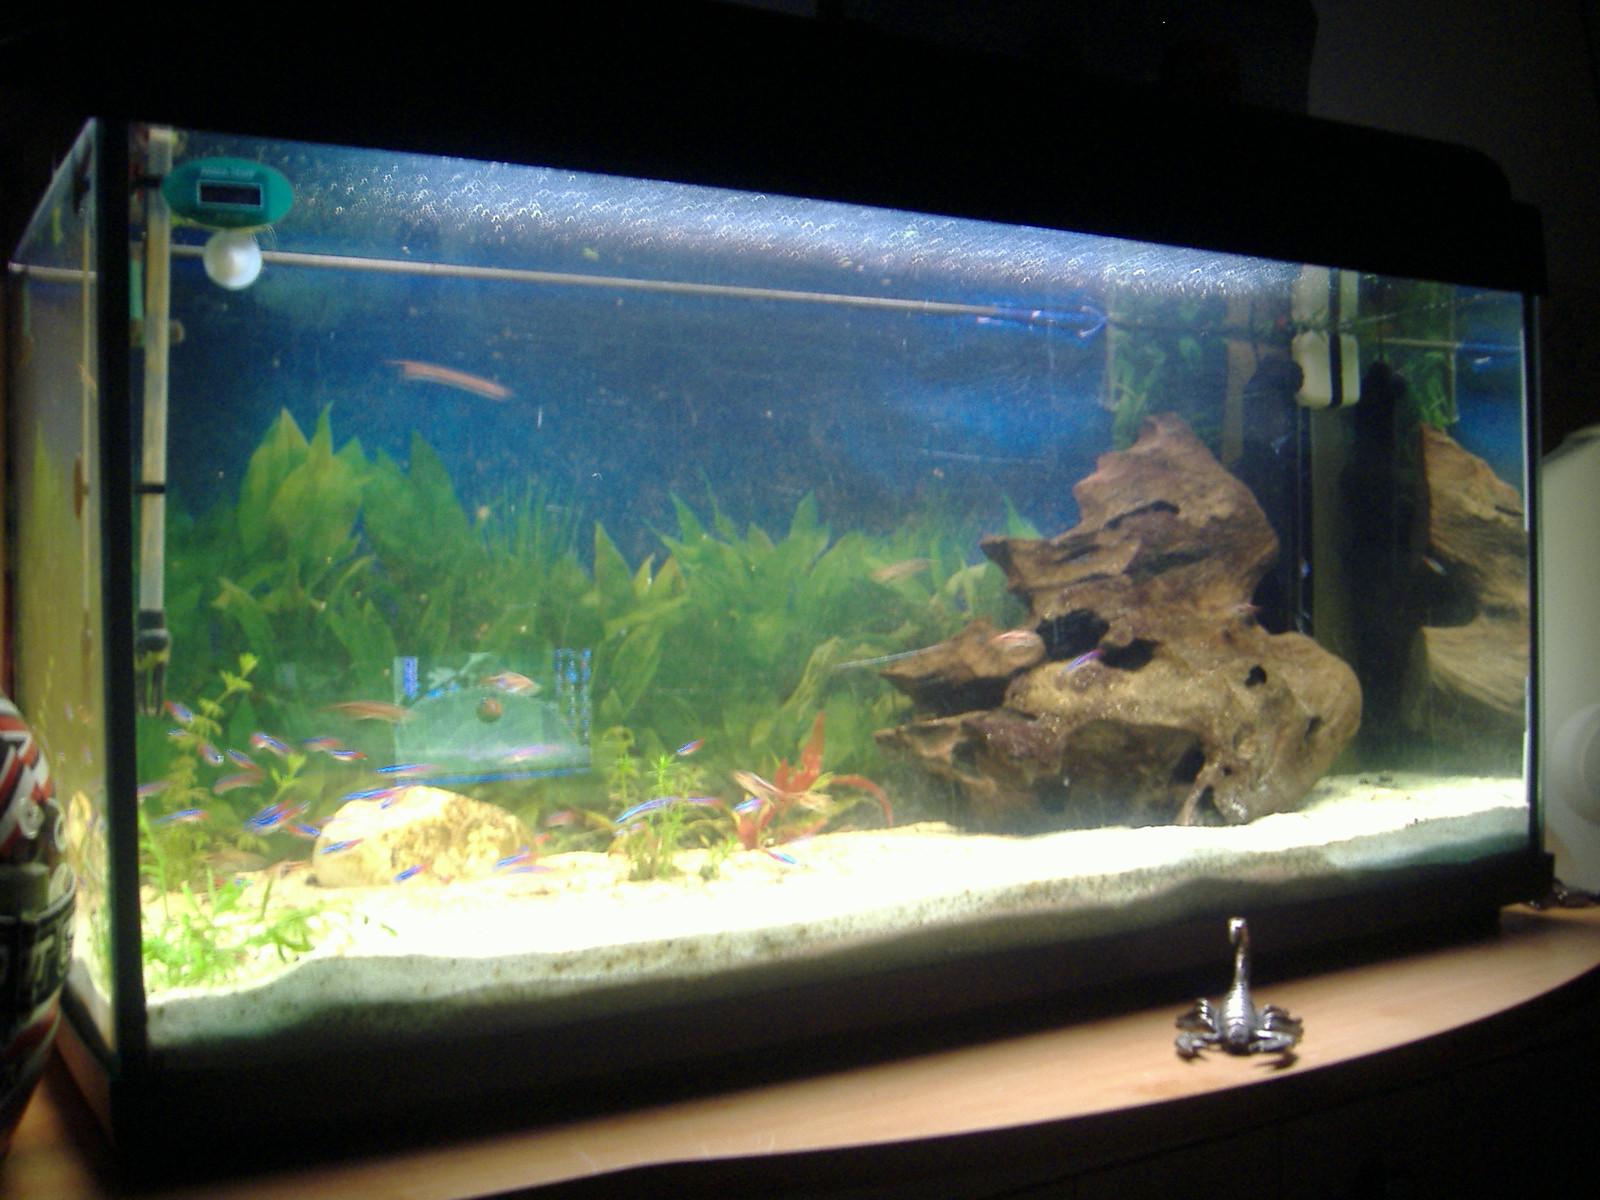 Mon aquarium aquarium de neon for Neon aquarium